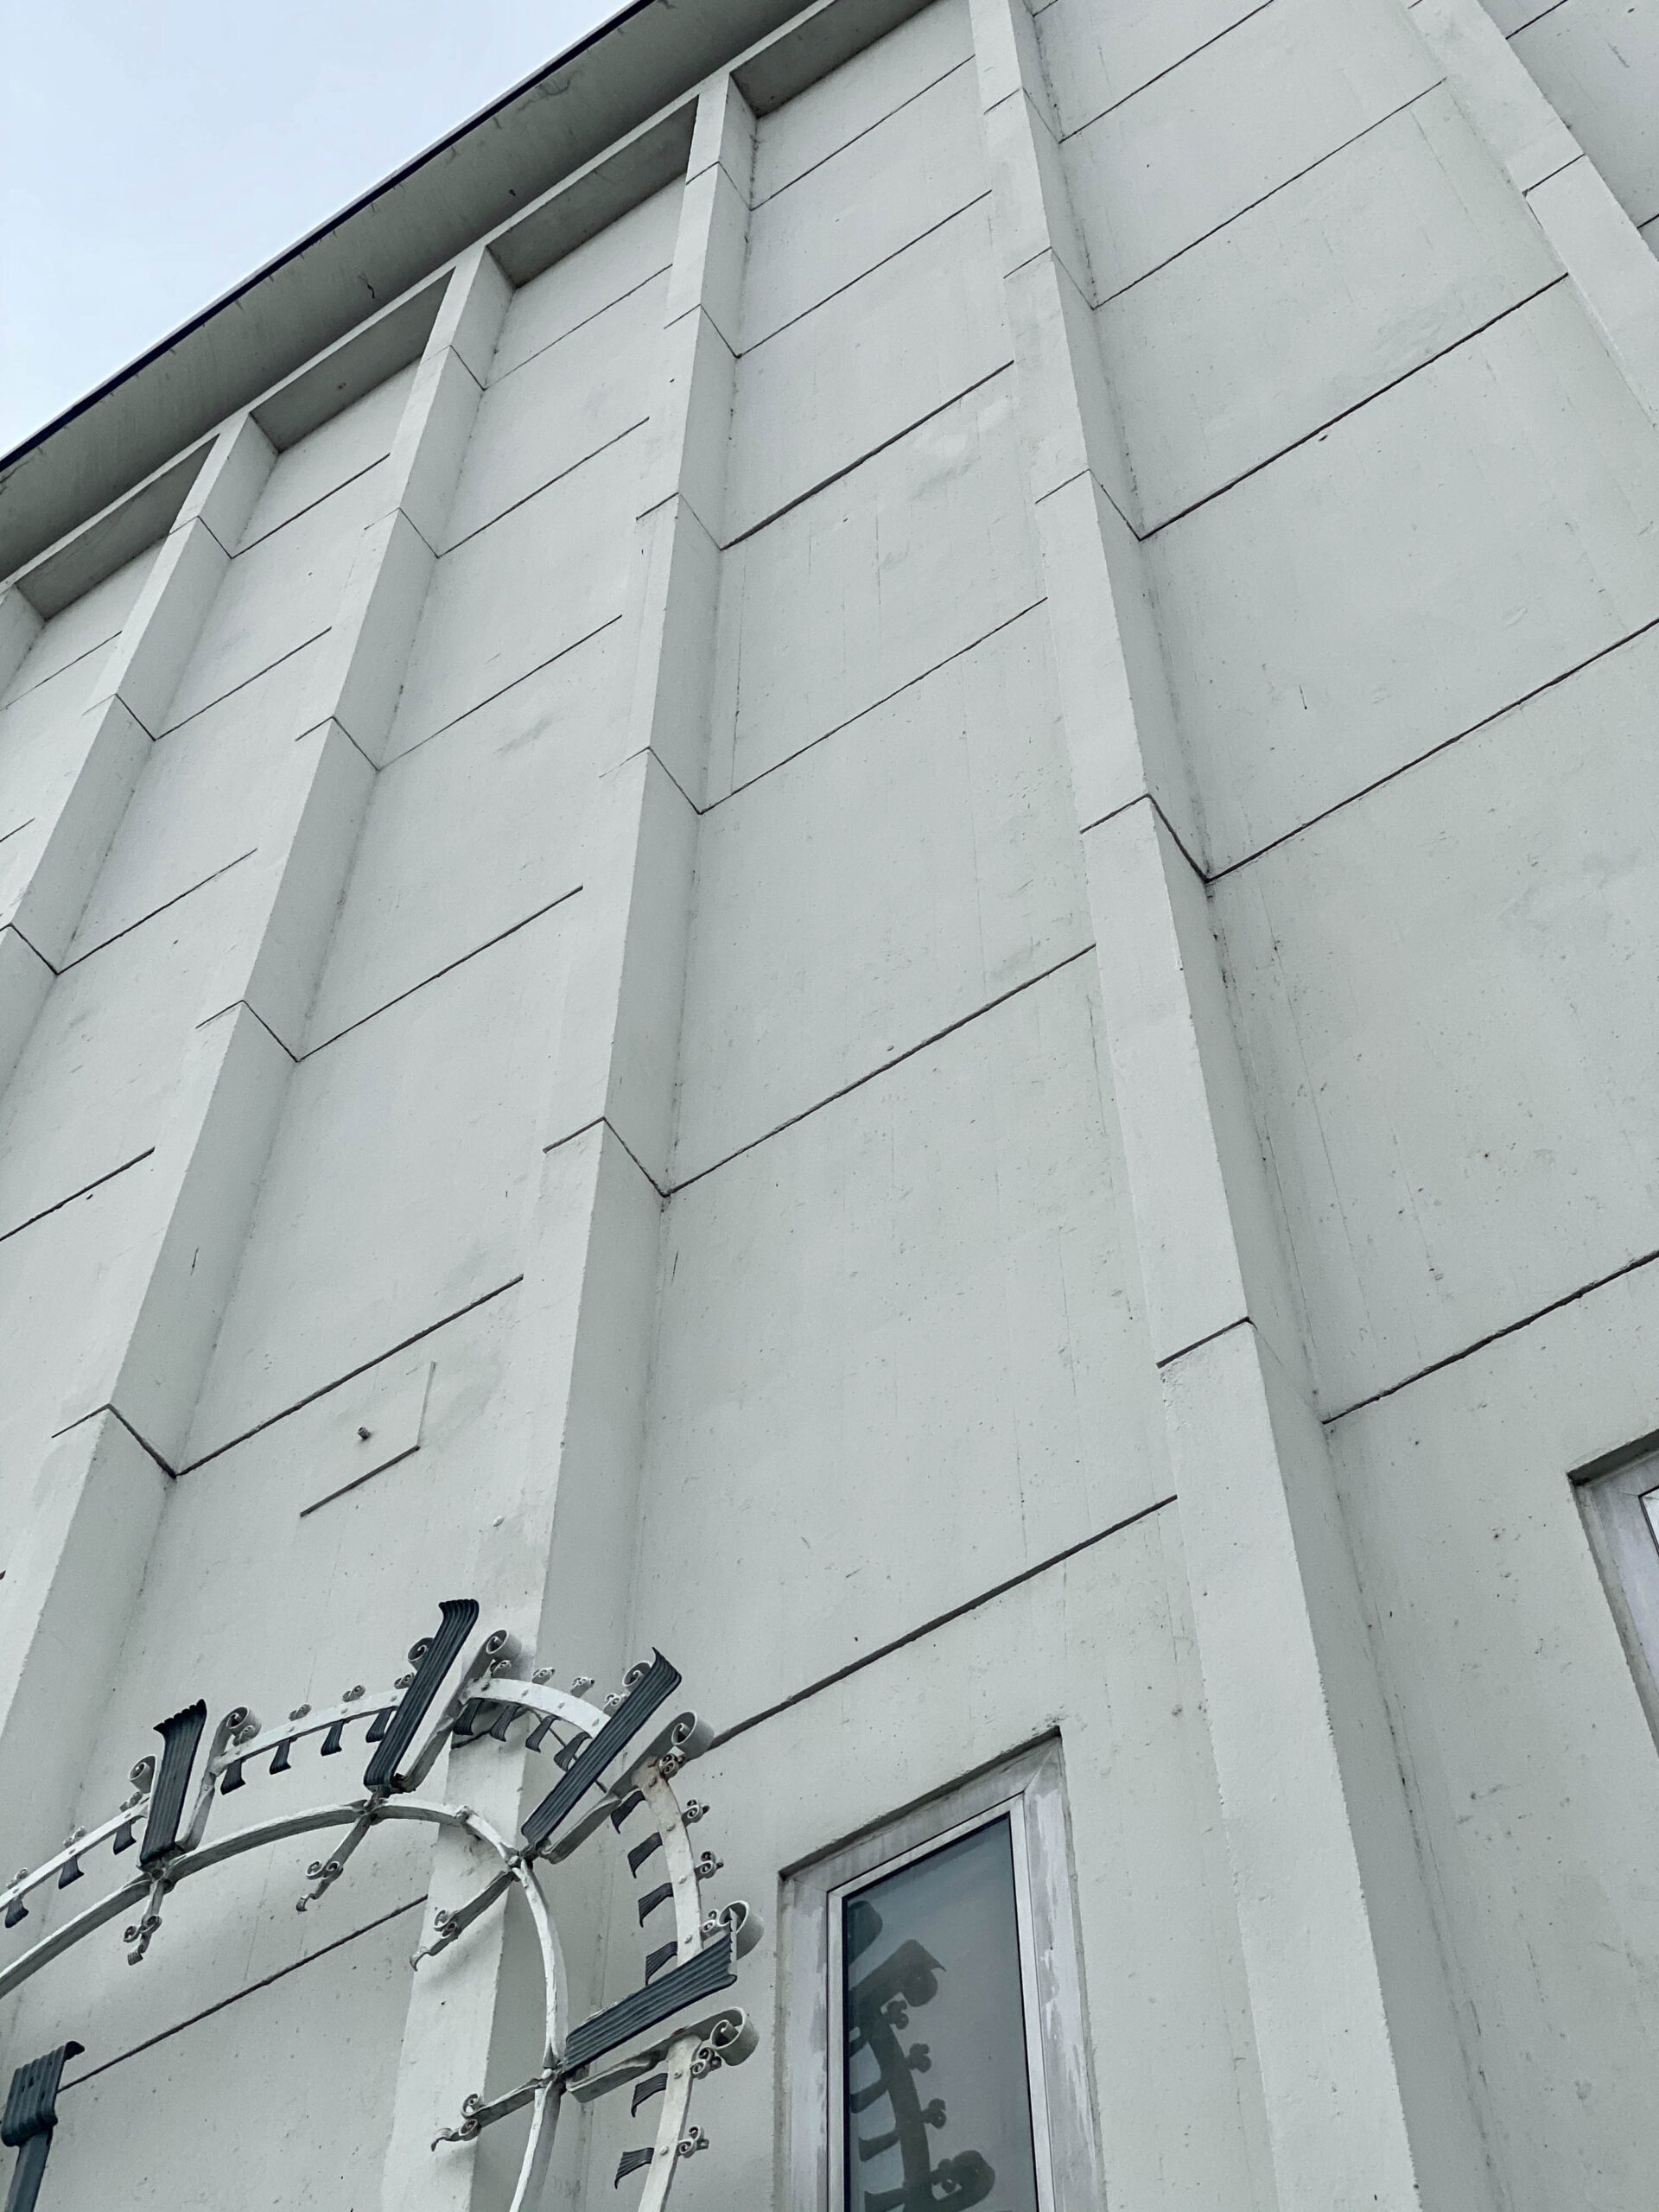 Markethall, 1935-1940. Design: Theodor Teichen, Ulrich Finsterwalder